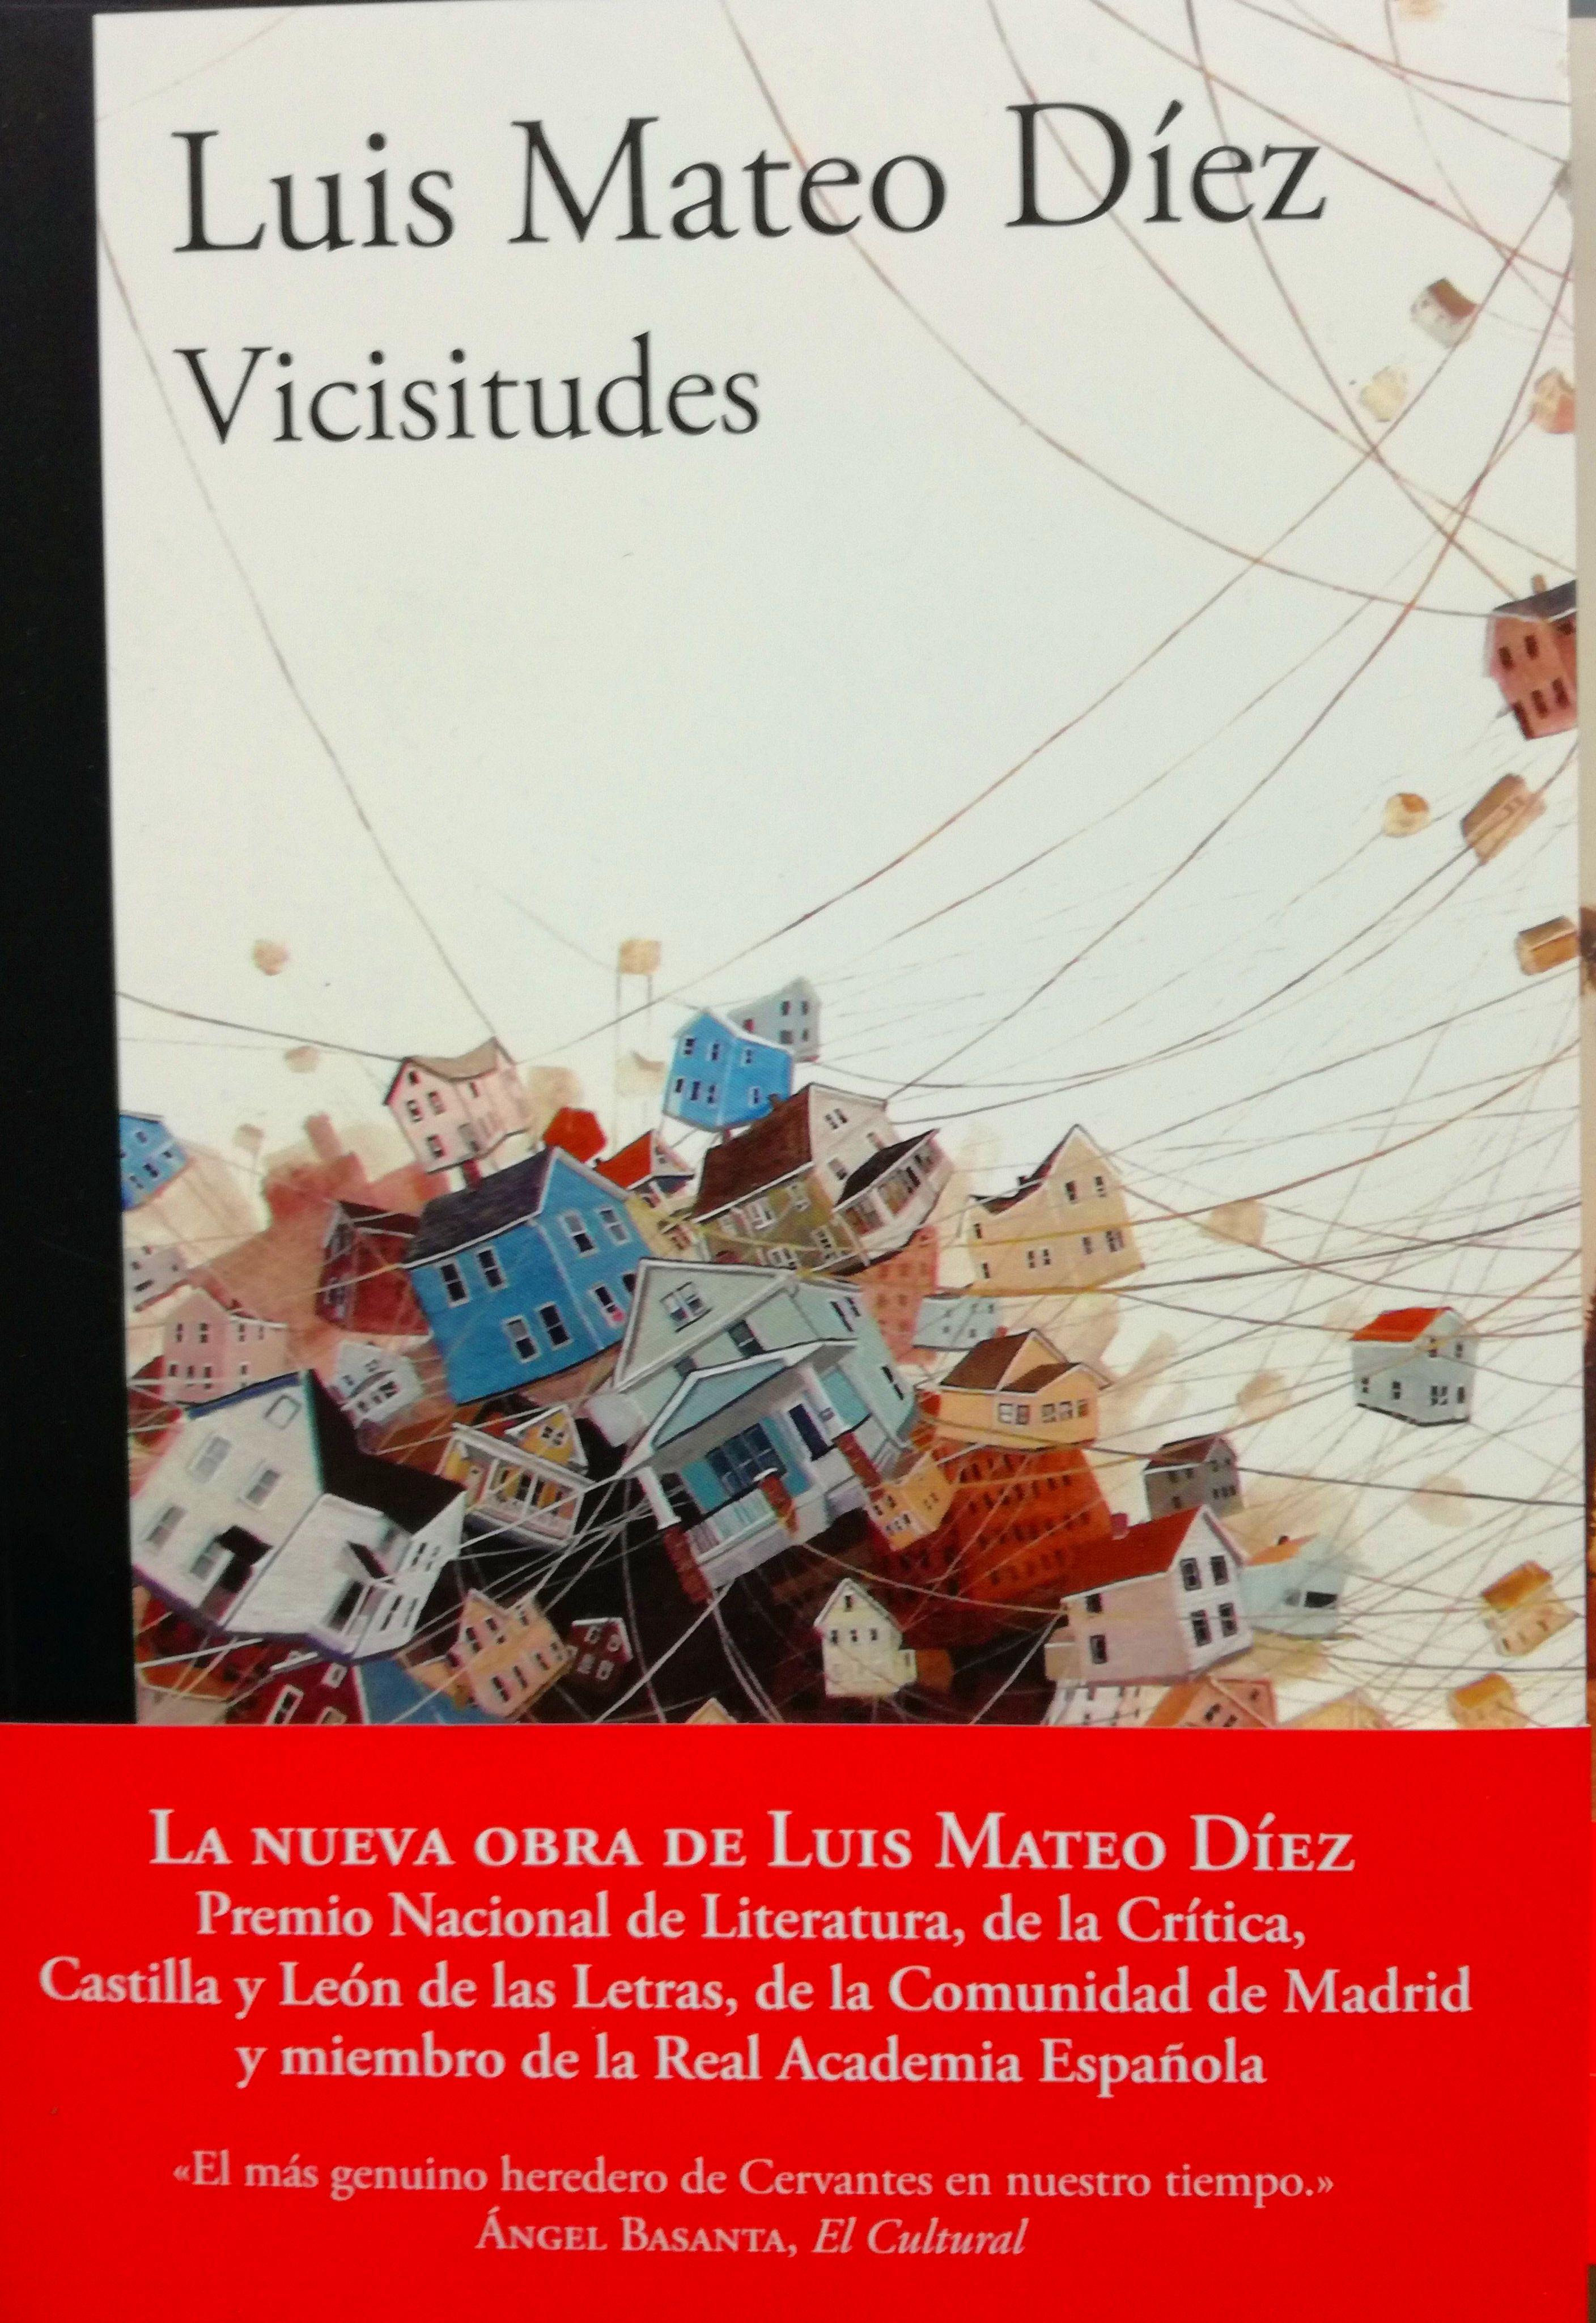 Vicisitudes: SECCIONES de Librería Nueva Plaza Universitaria